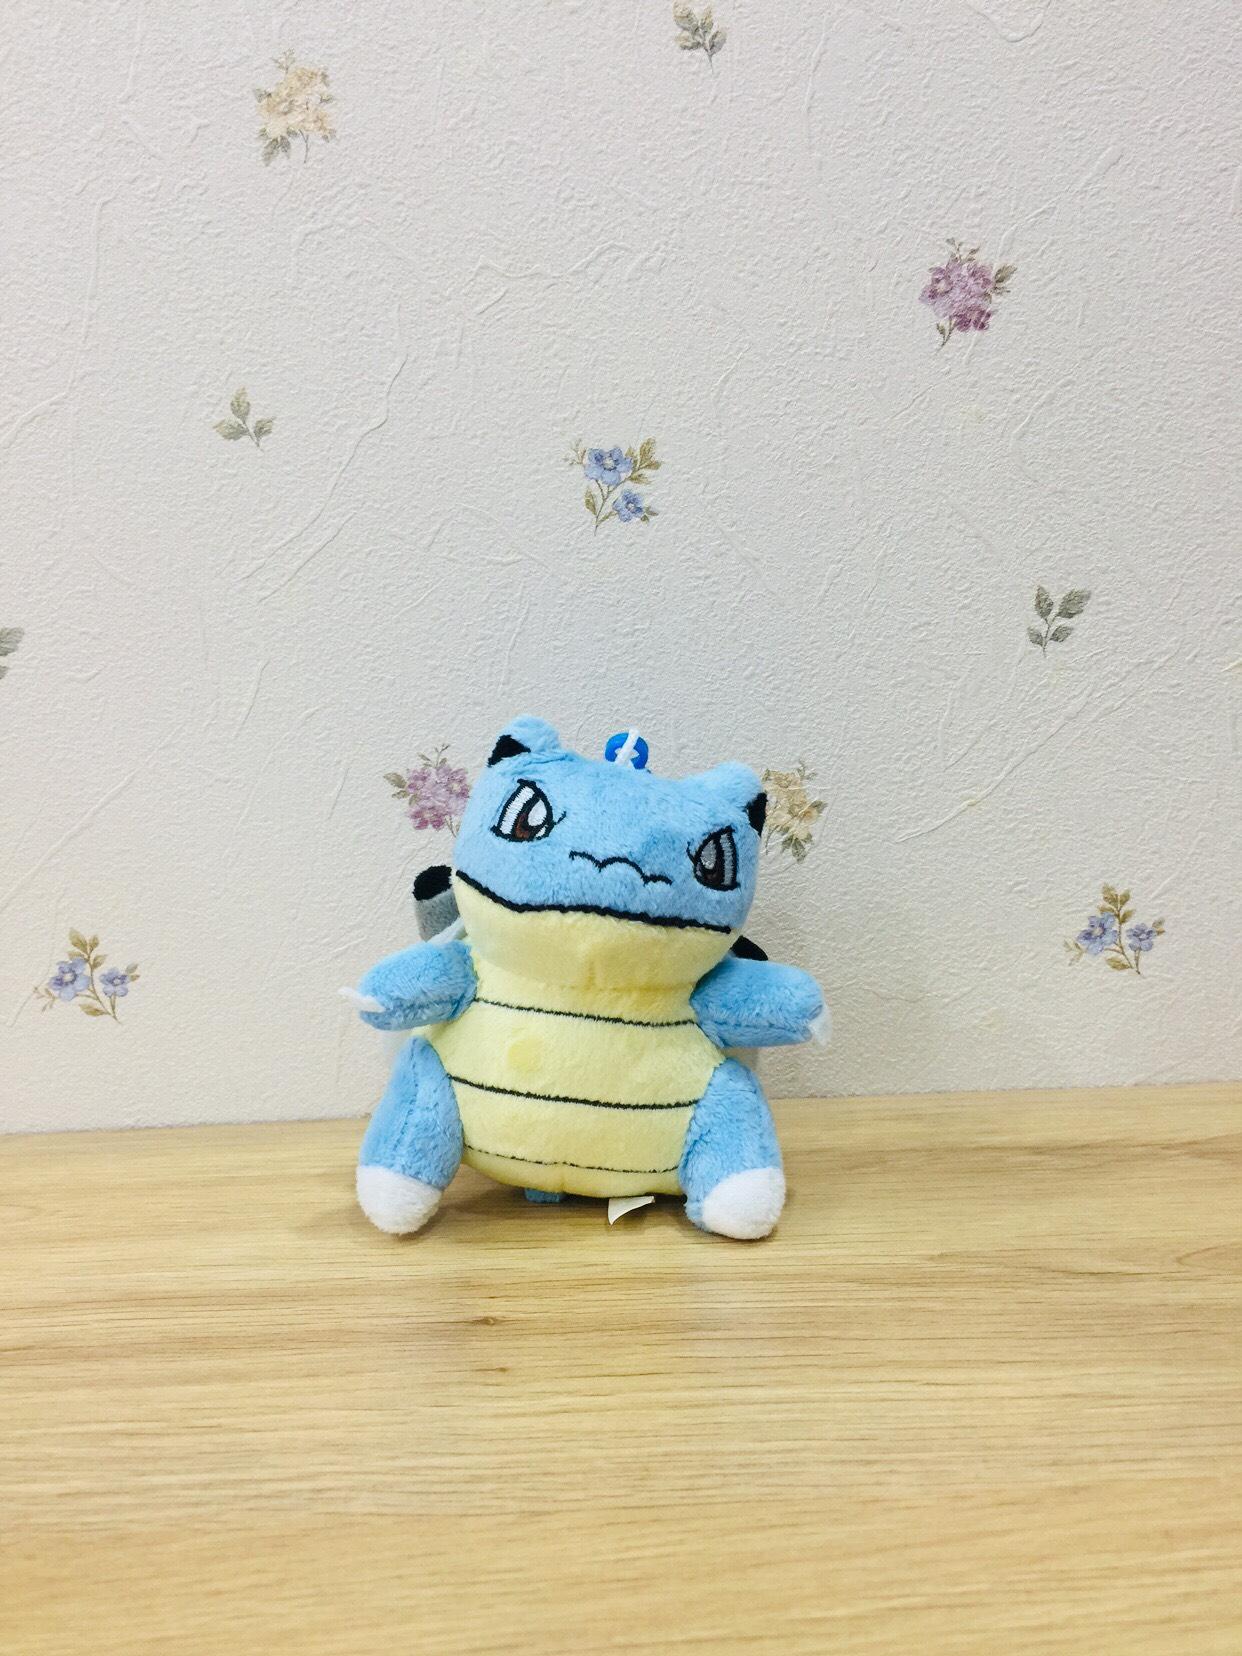 Gấu bông Pokemon Cubchoo - Tặng kèm móc khóa Pokemon cao cấp